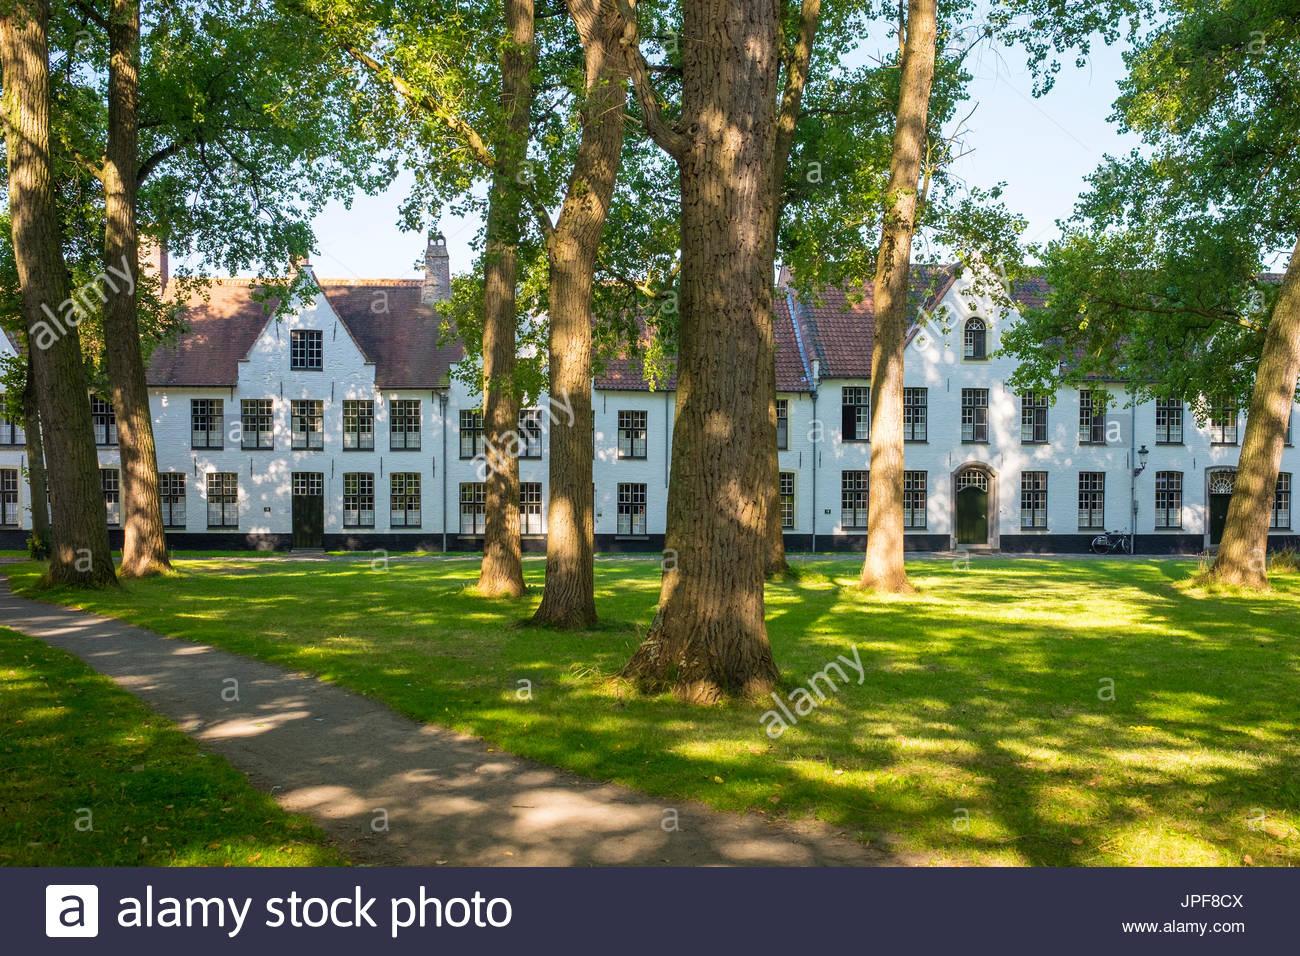 Belgium, West Flanders (Vlaanderen), Bruges (Brugge). Begijnhof (Beguinage) of Bruges. - Stock Image